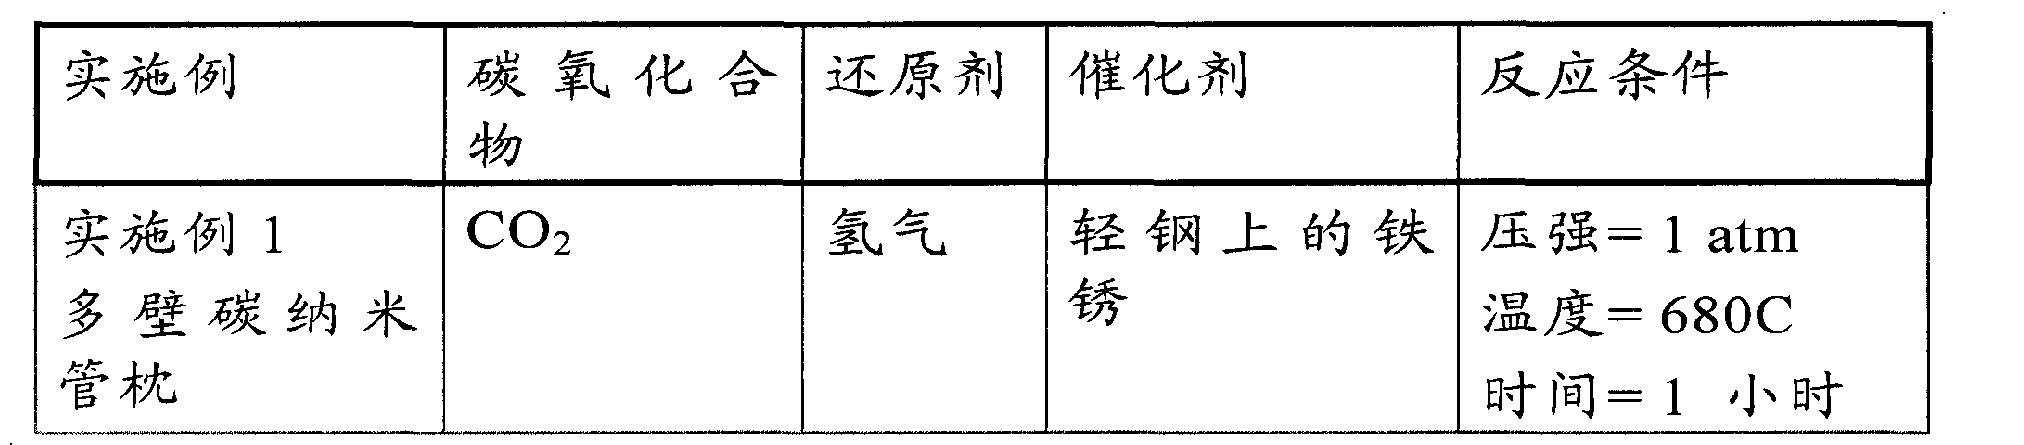 Figure CN102459727BD00231